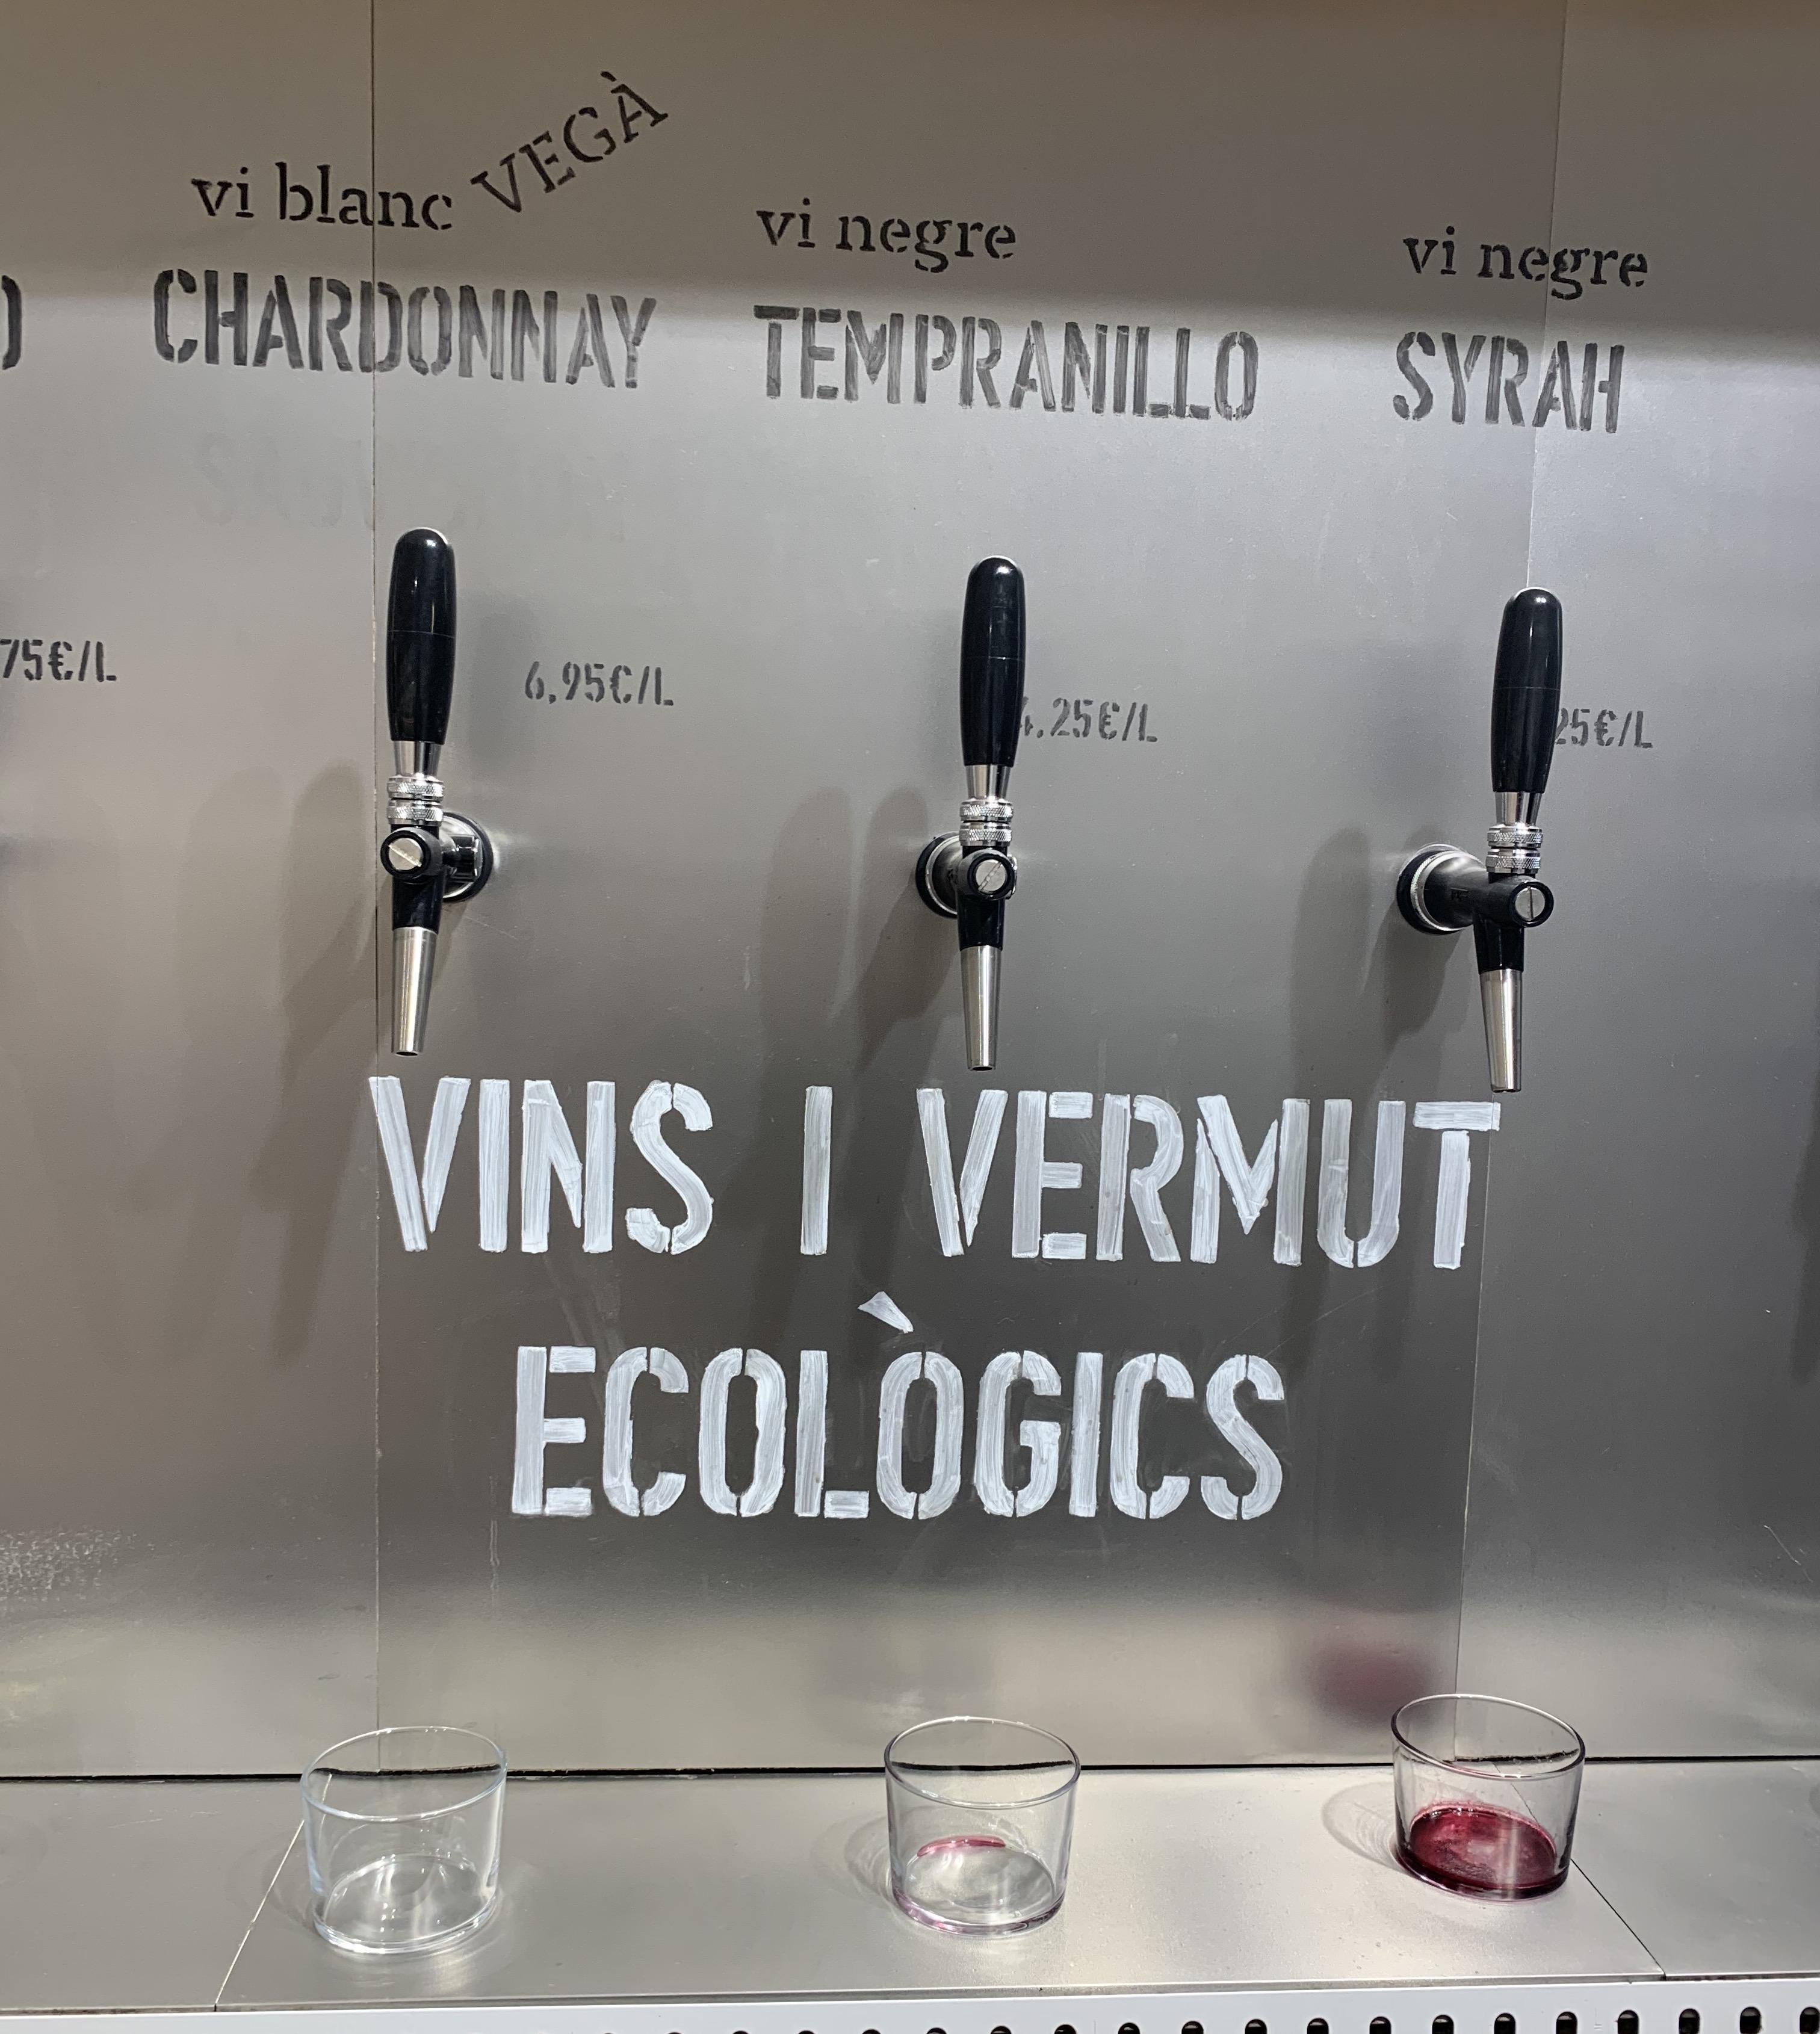 En este supermercado, también podemos encontrar grifos con vinos y vermuts ecológicos, por lo que podemos rellenar nuestras botellas